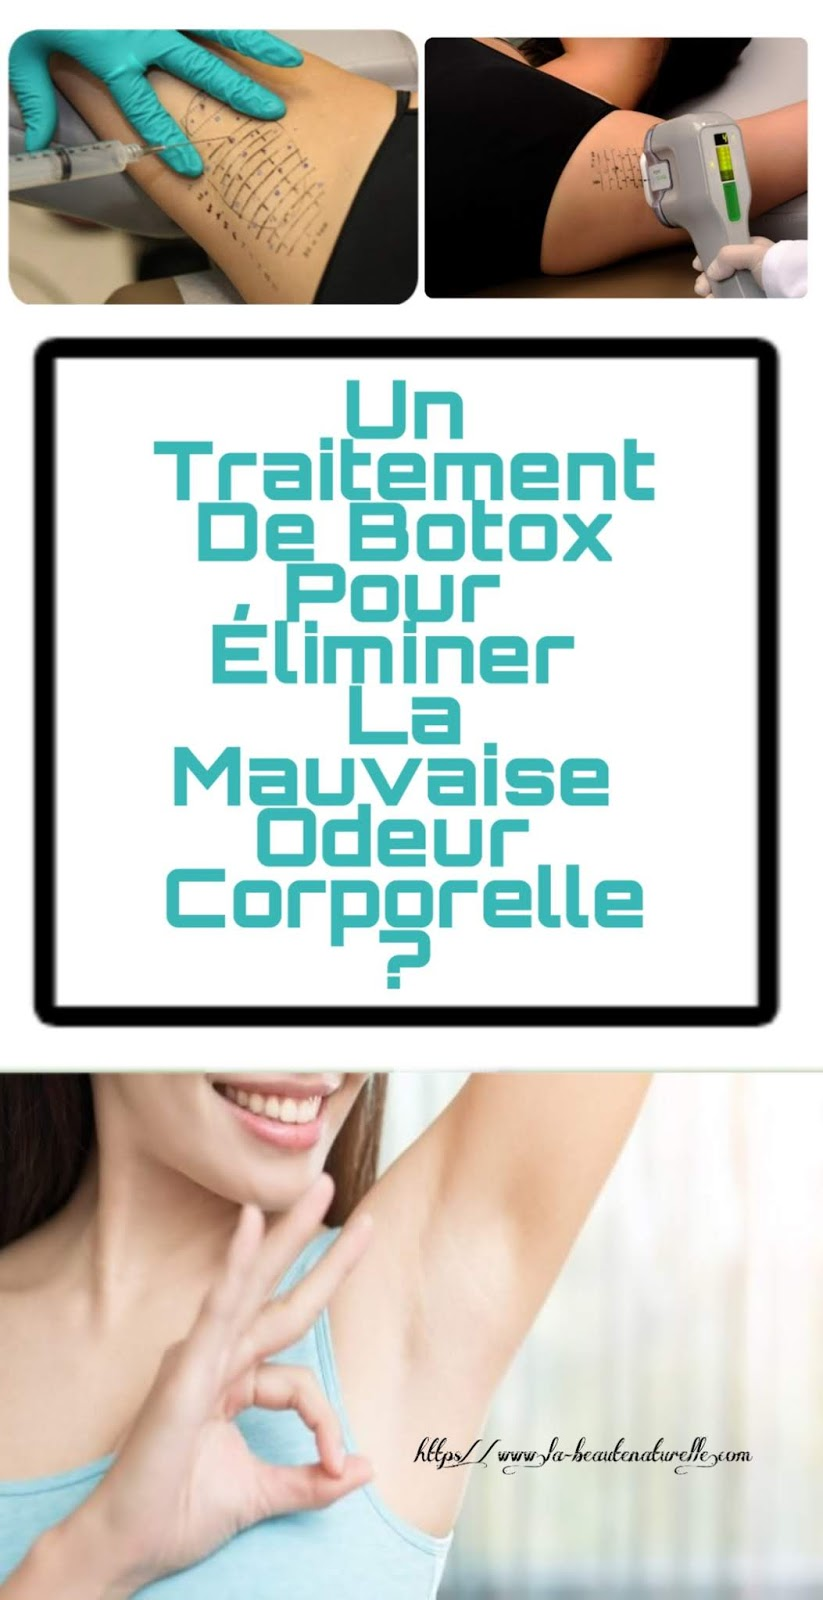 Un Traitement De Botox Pour Éliminer La Mauvaise Odeur Corporelle?